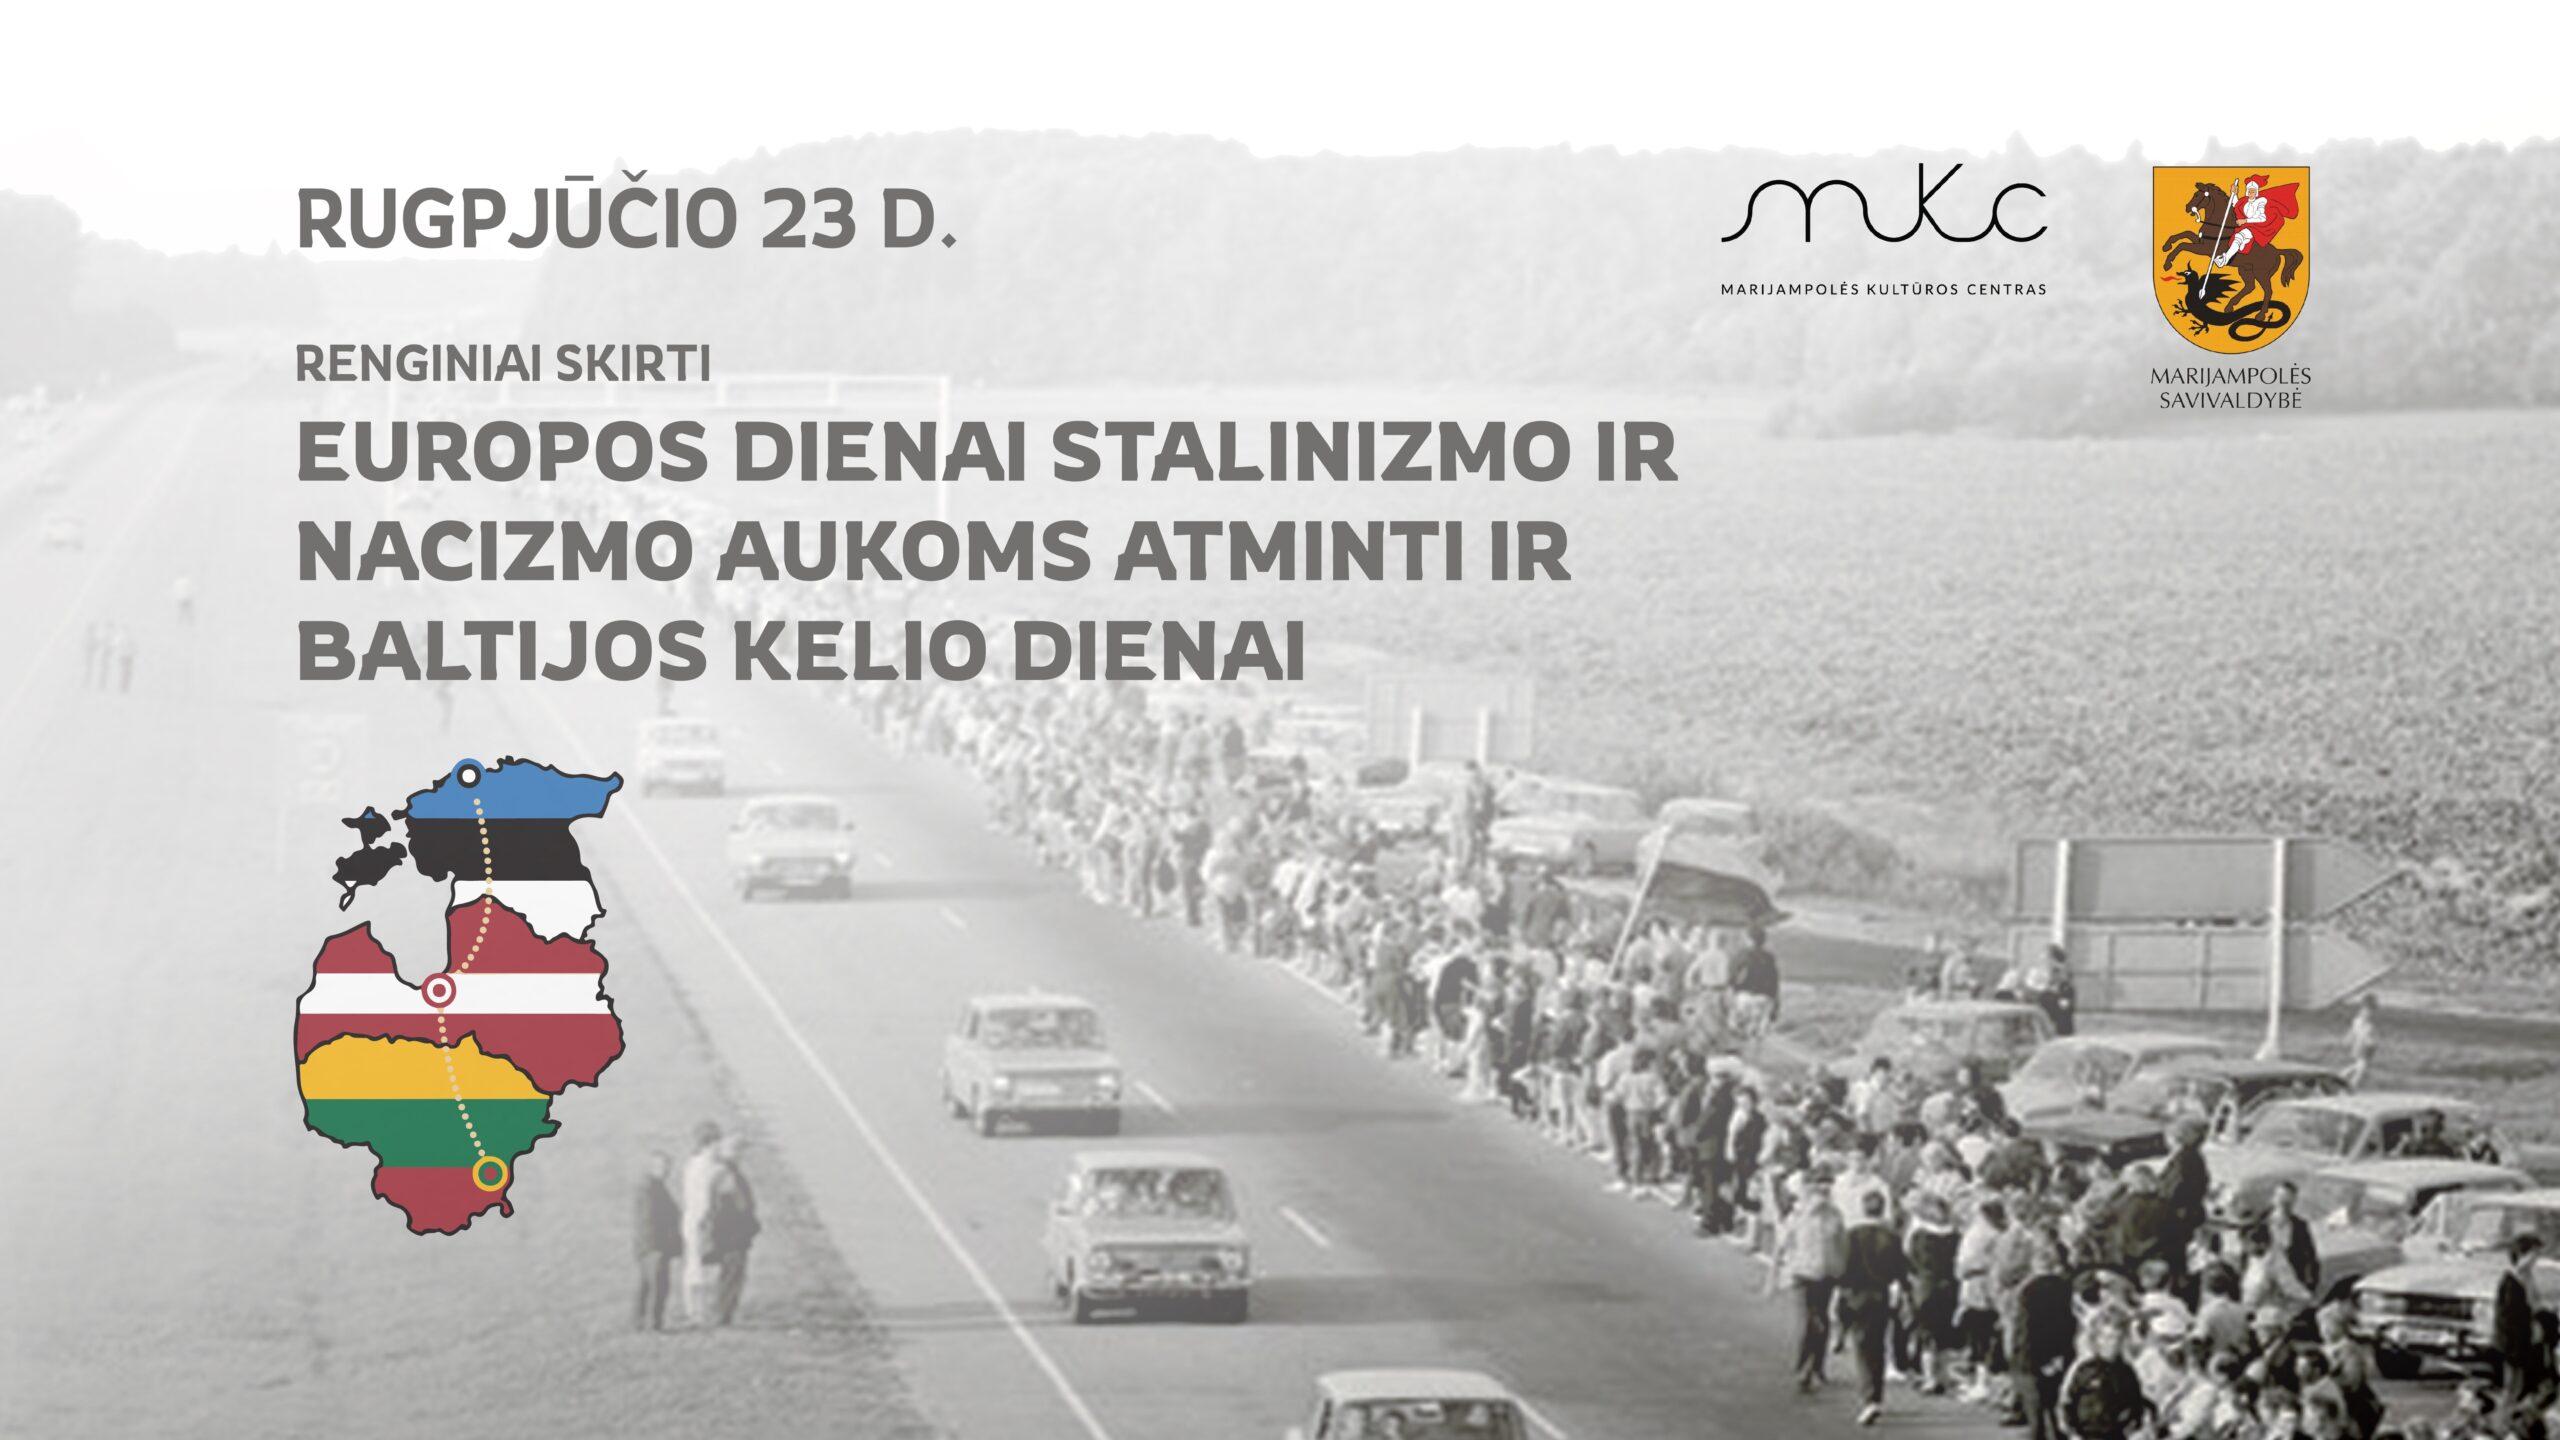 Renginys, skirtas Europos dienai stalinizmo ir nacizmo aukoms atminti ir Baltijos kelio dienai